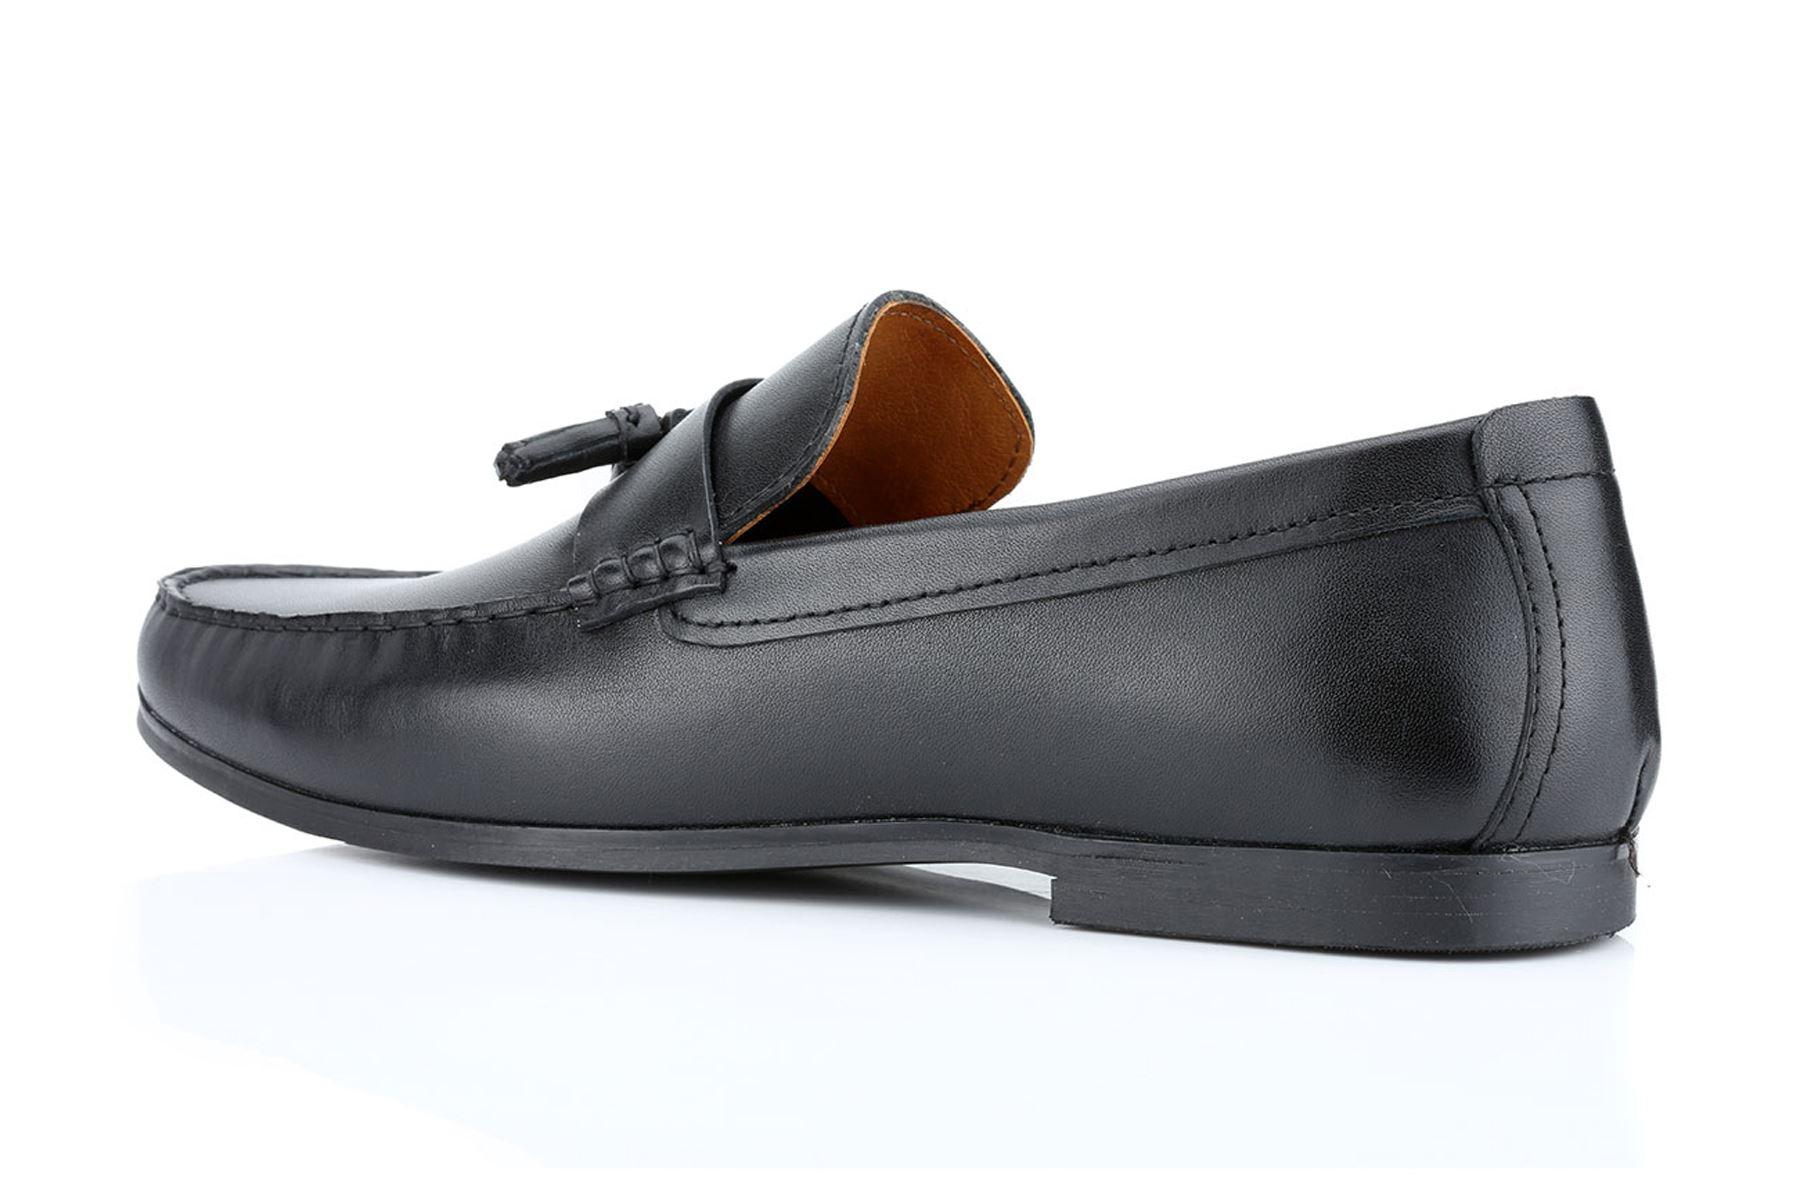 Tassel Loafers In Black Leather - Black Redtape MiN0cePjDb